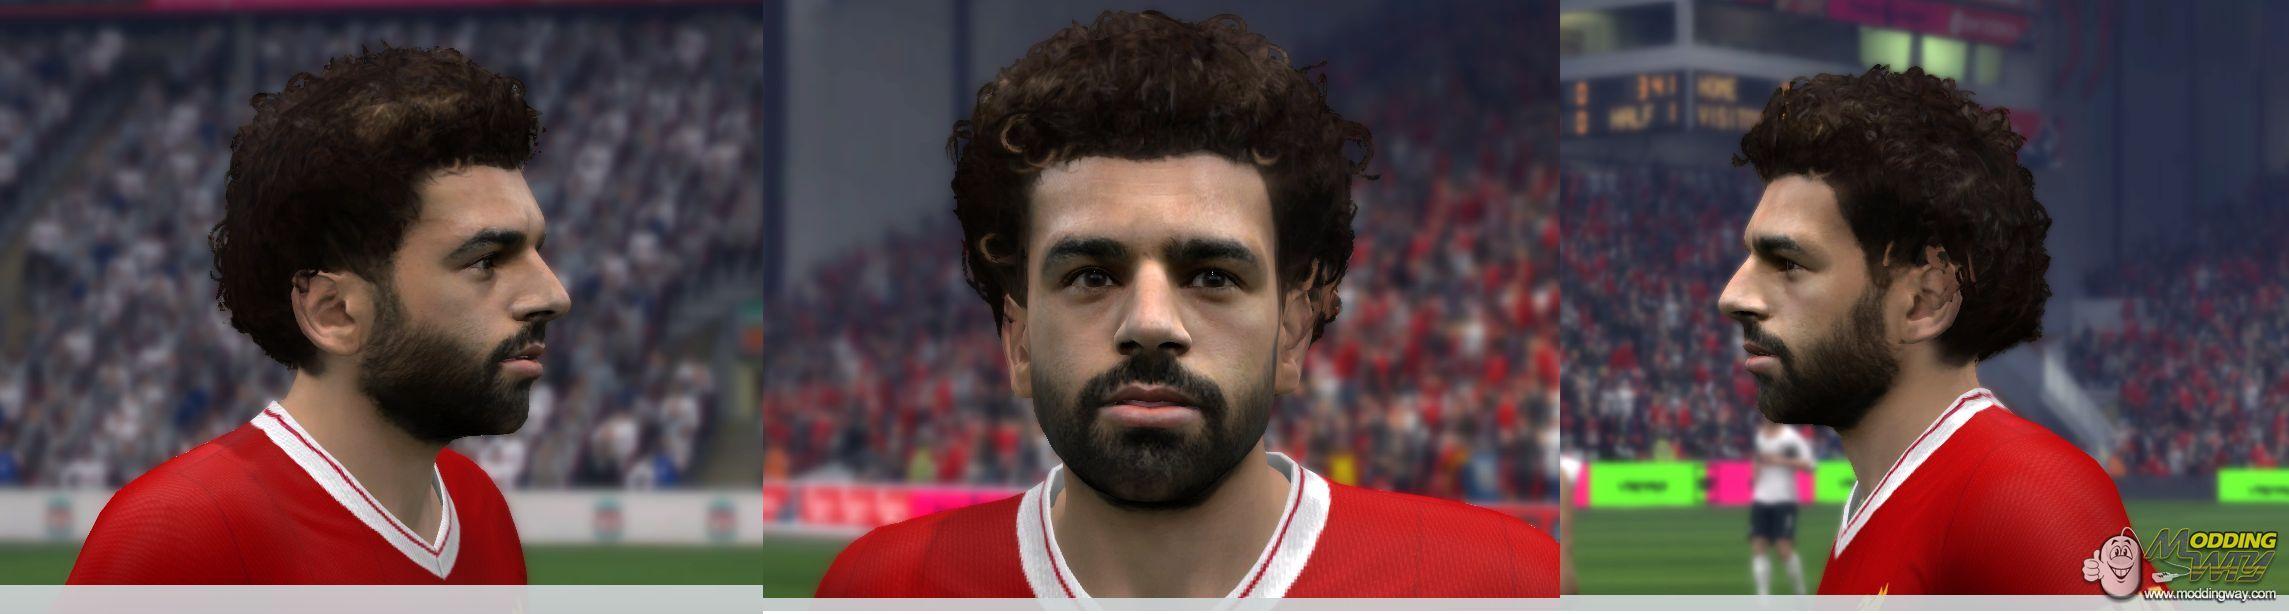 دانلود فیس جدید محمد صلاح برای FIFA14